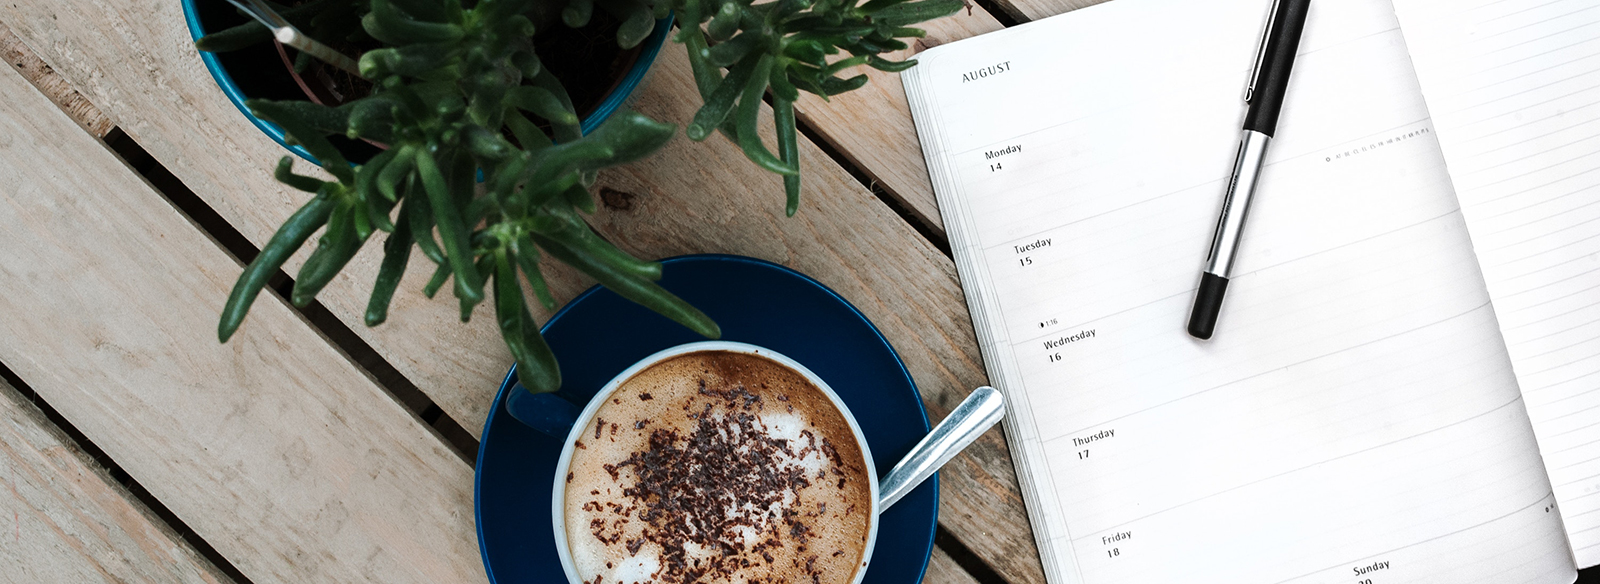 un planificateur, un stylo, un café et une plante sur une table